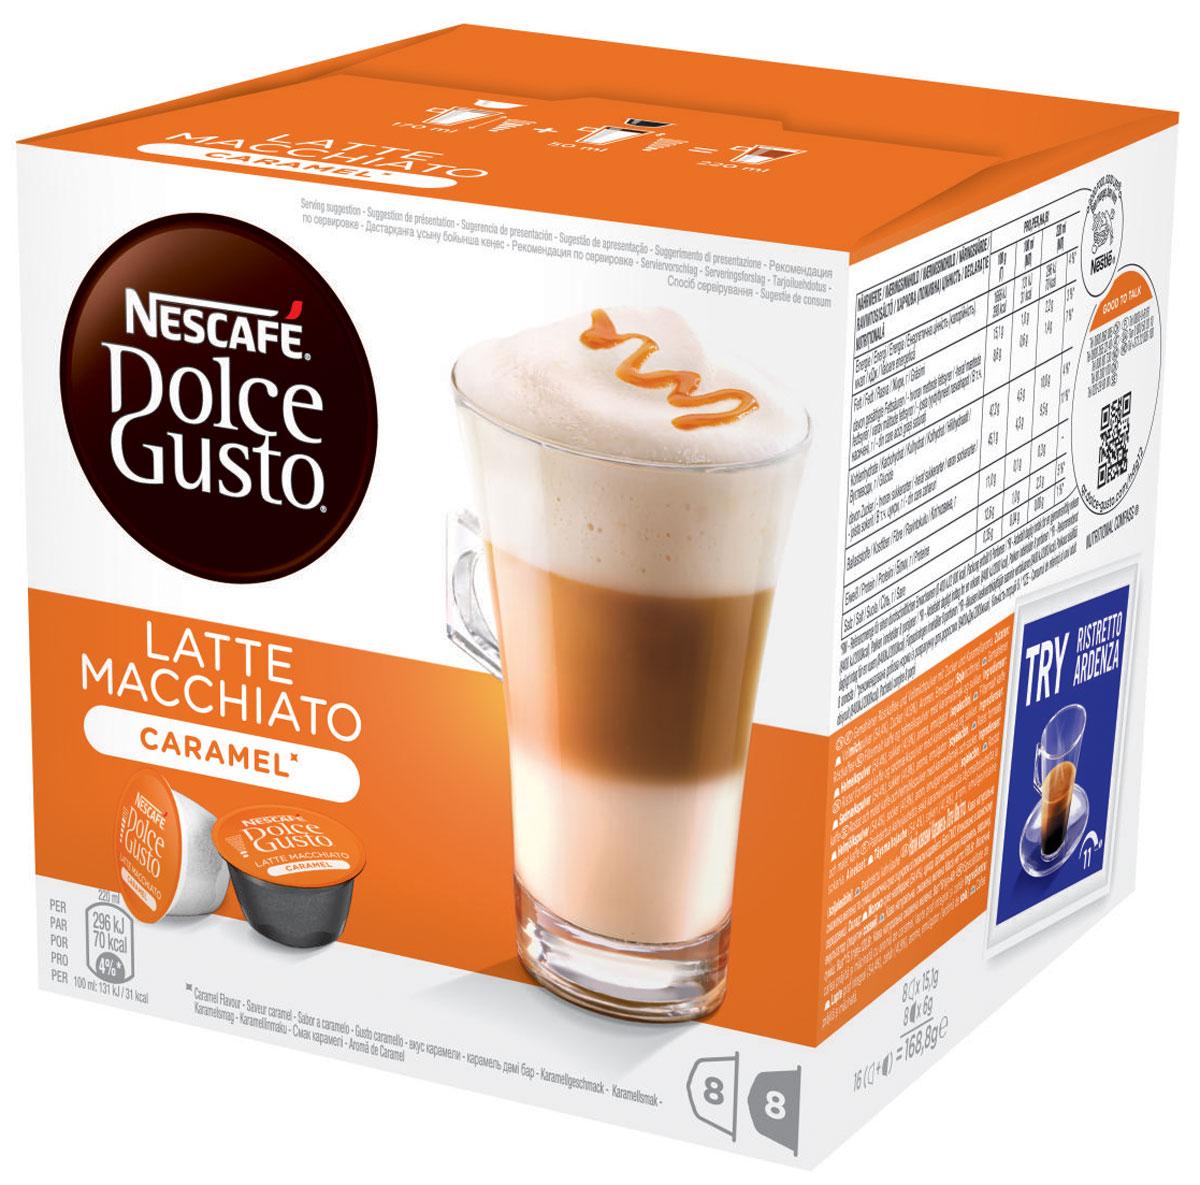 Nescafe Dolce Gusto Latte Macchiato со вкусом карамели кофе в капсулах, 16 шт nescafe dolce gusto cortado эспрессо с молоком кофе в капсулах 16 шт